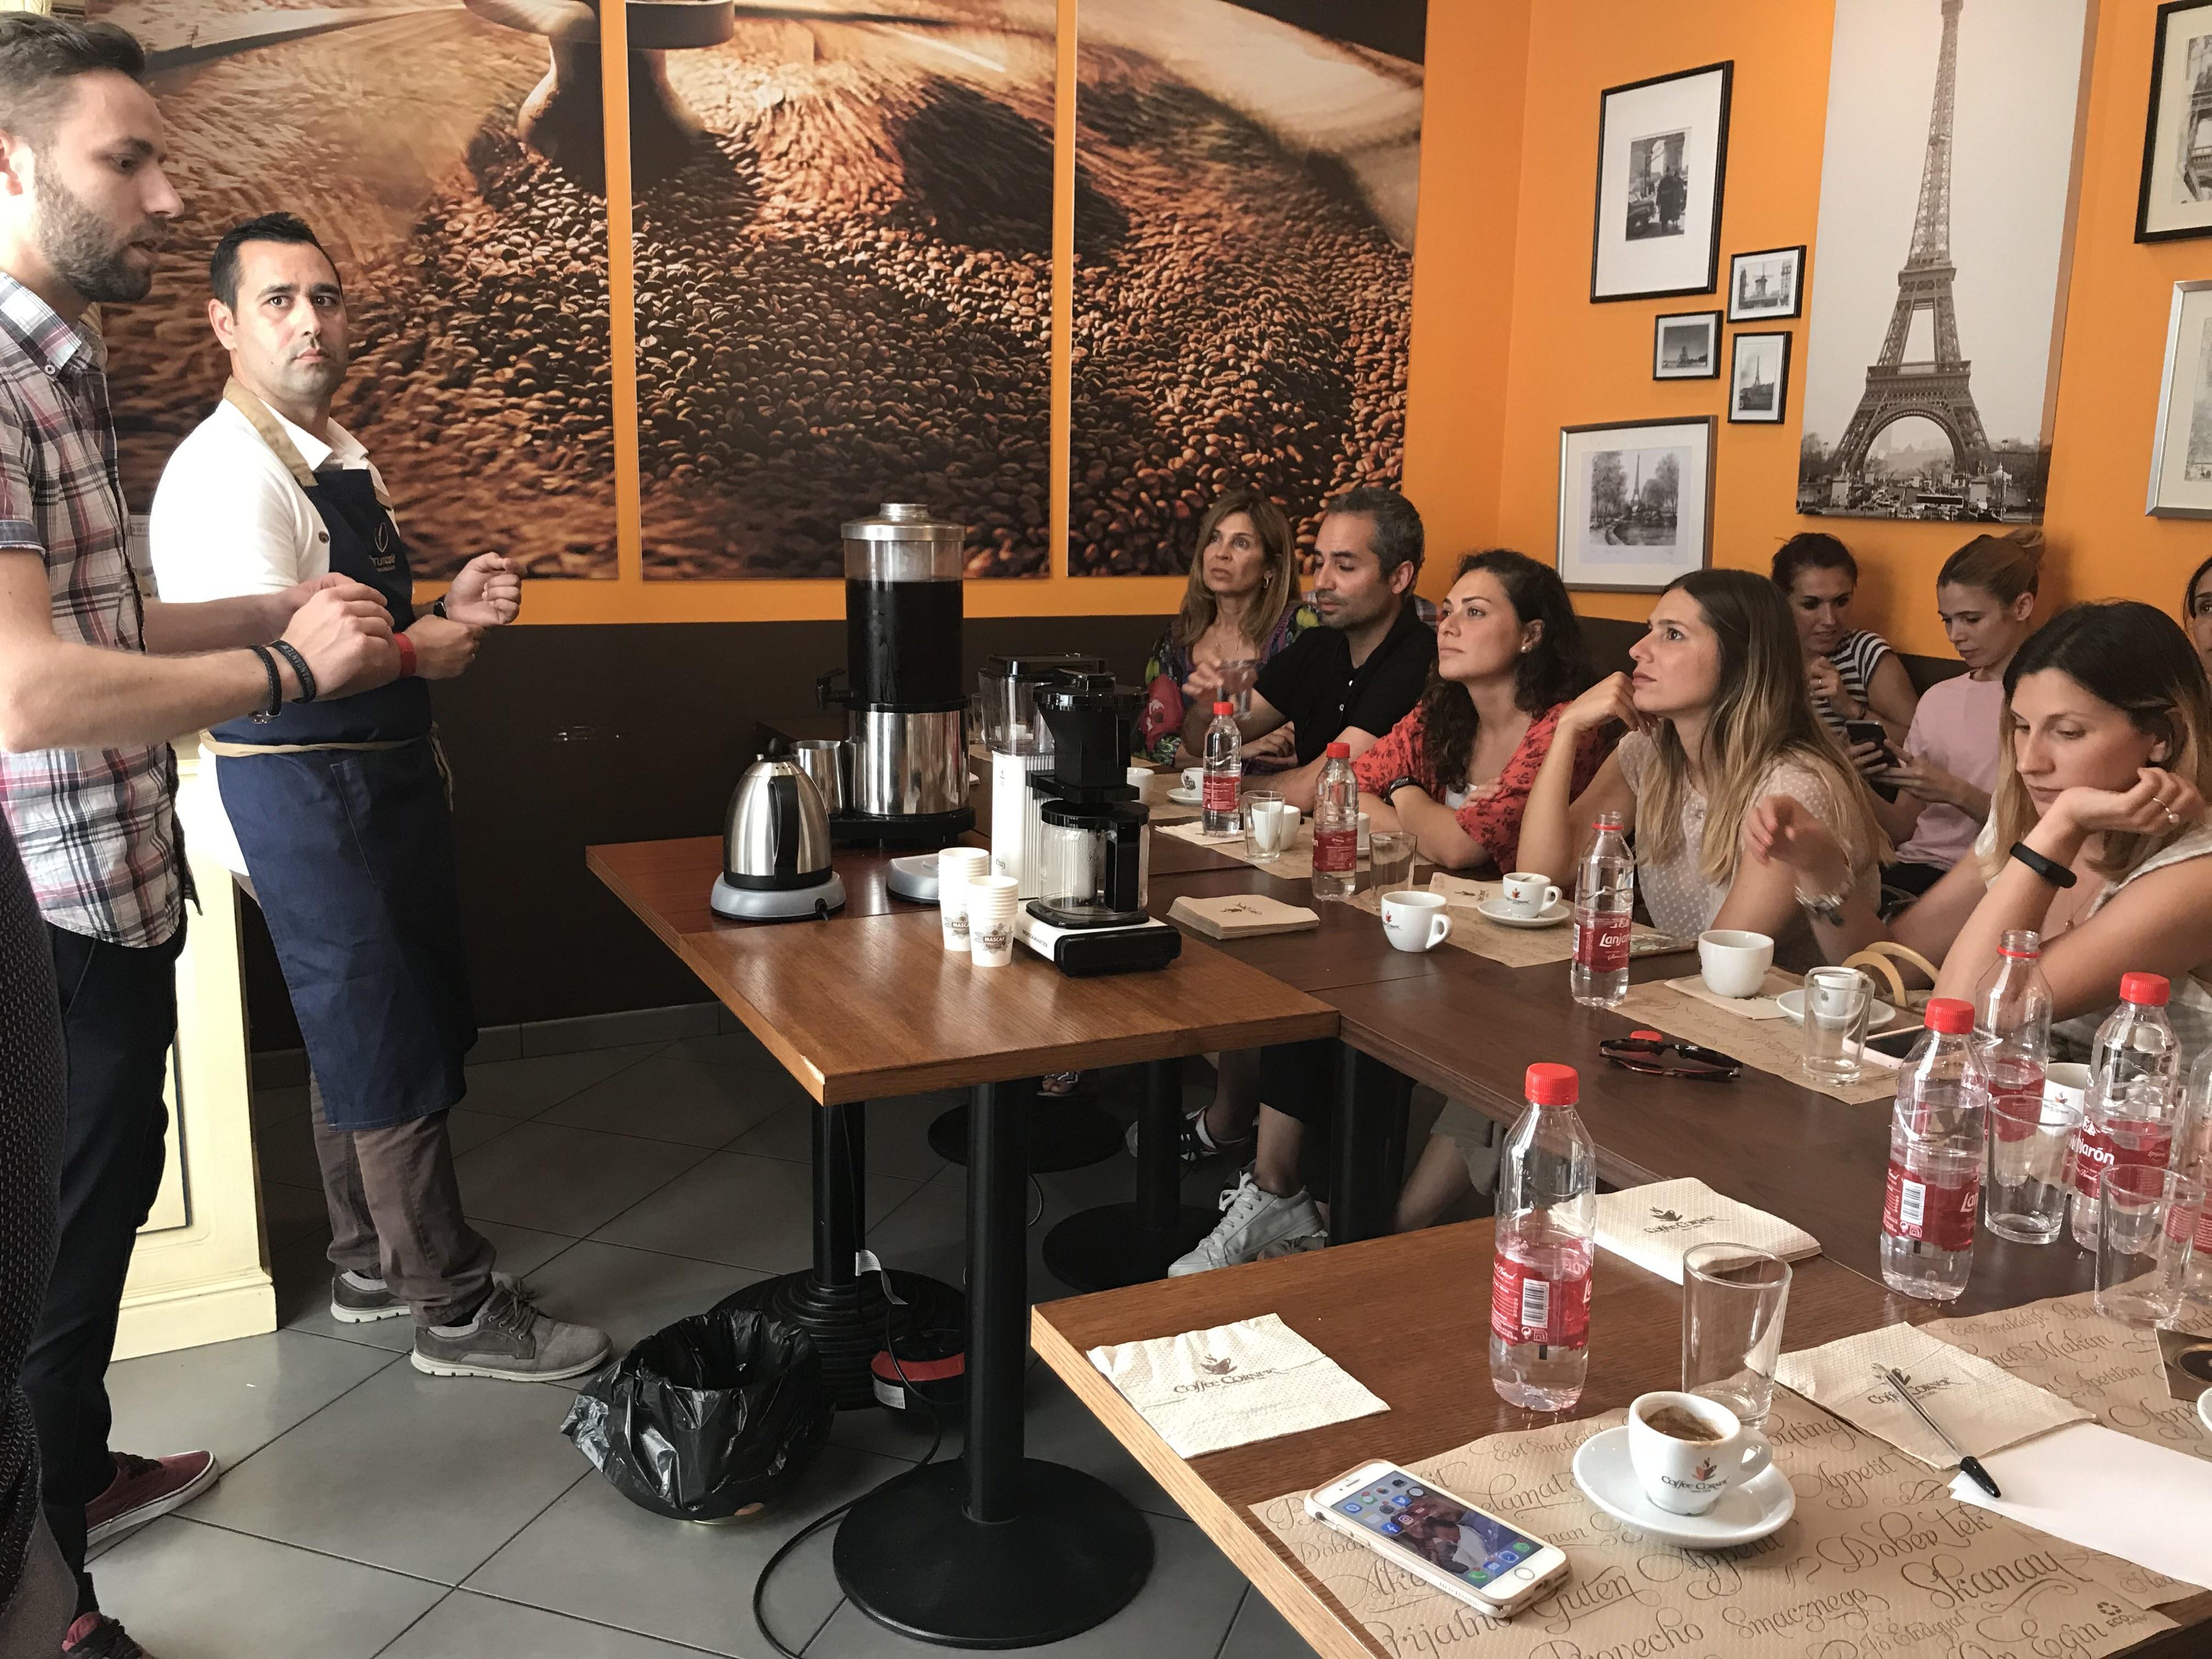 Cata de café arábica 100% en Coffee Corner.